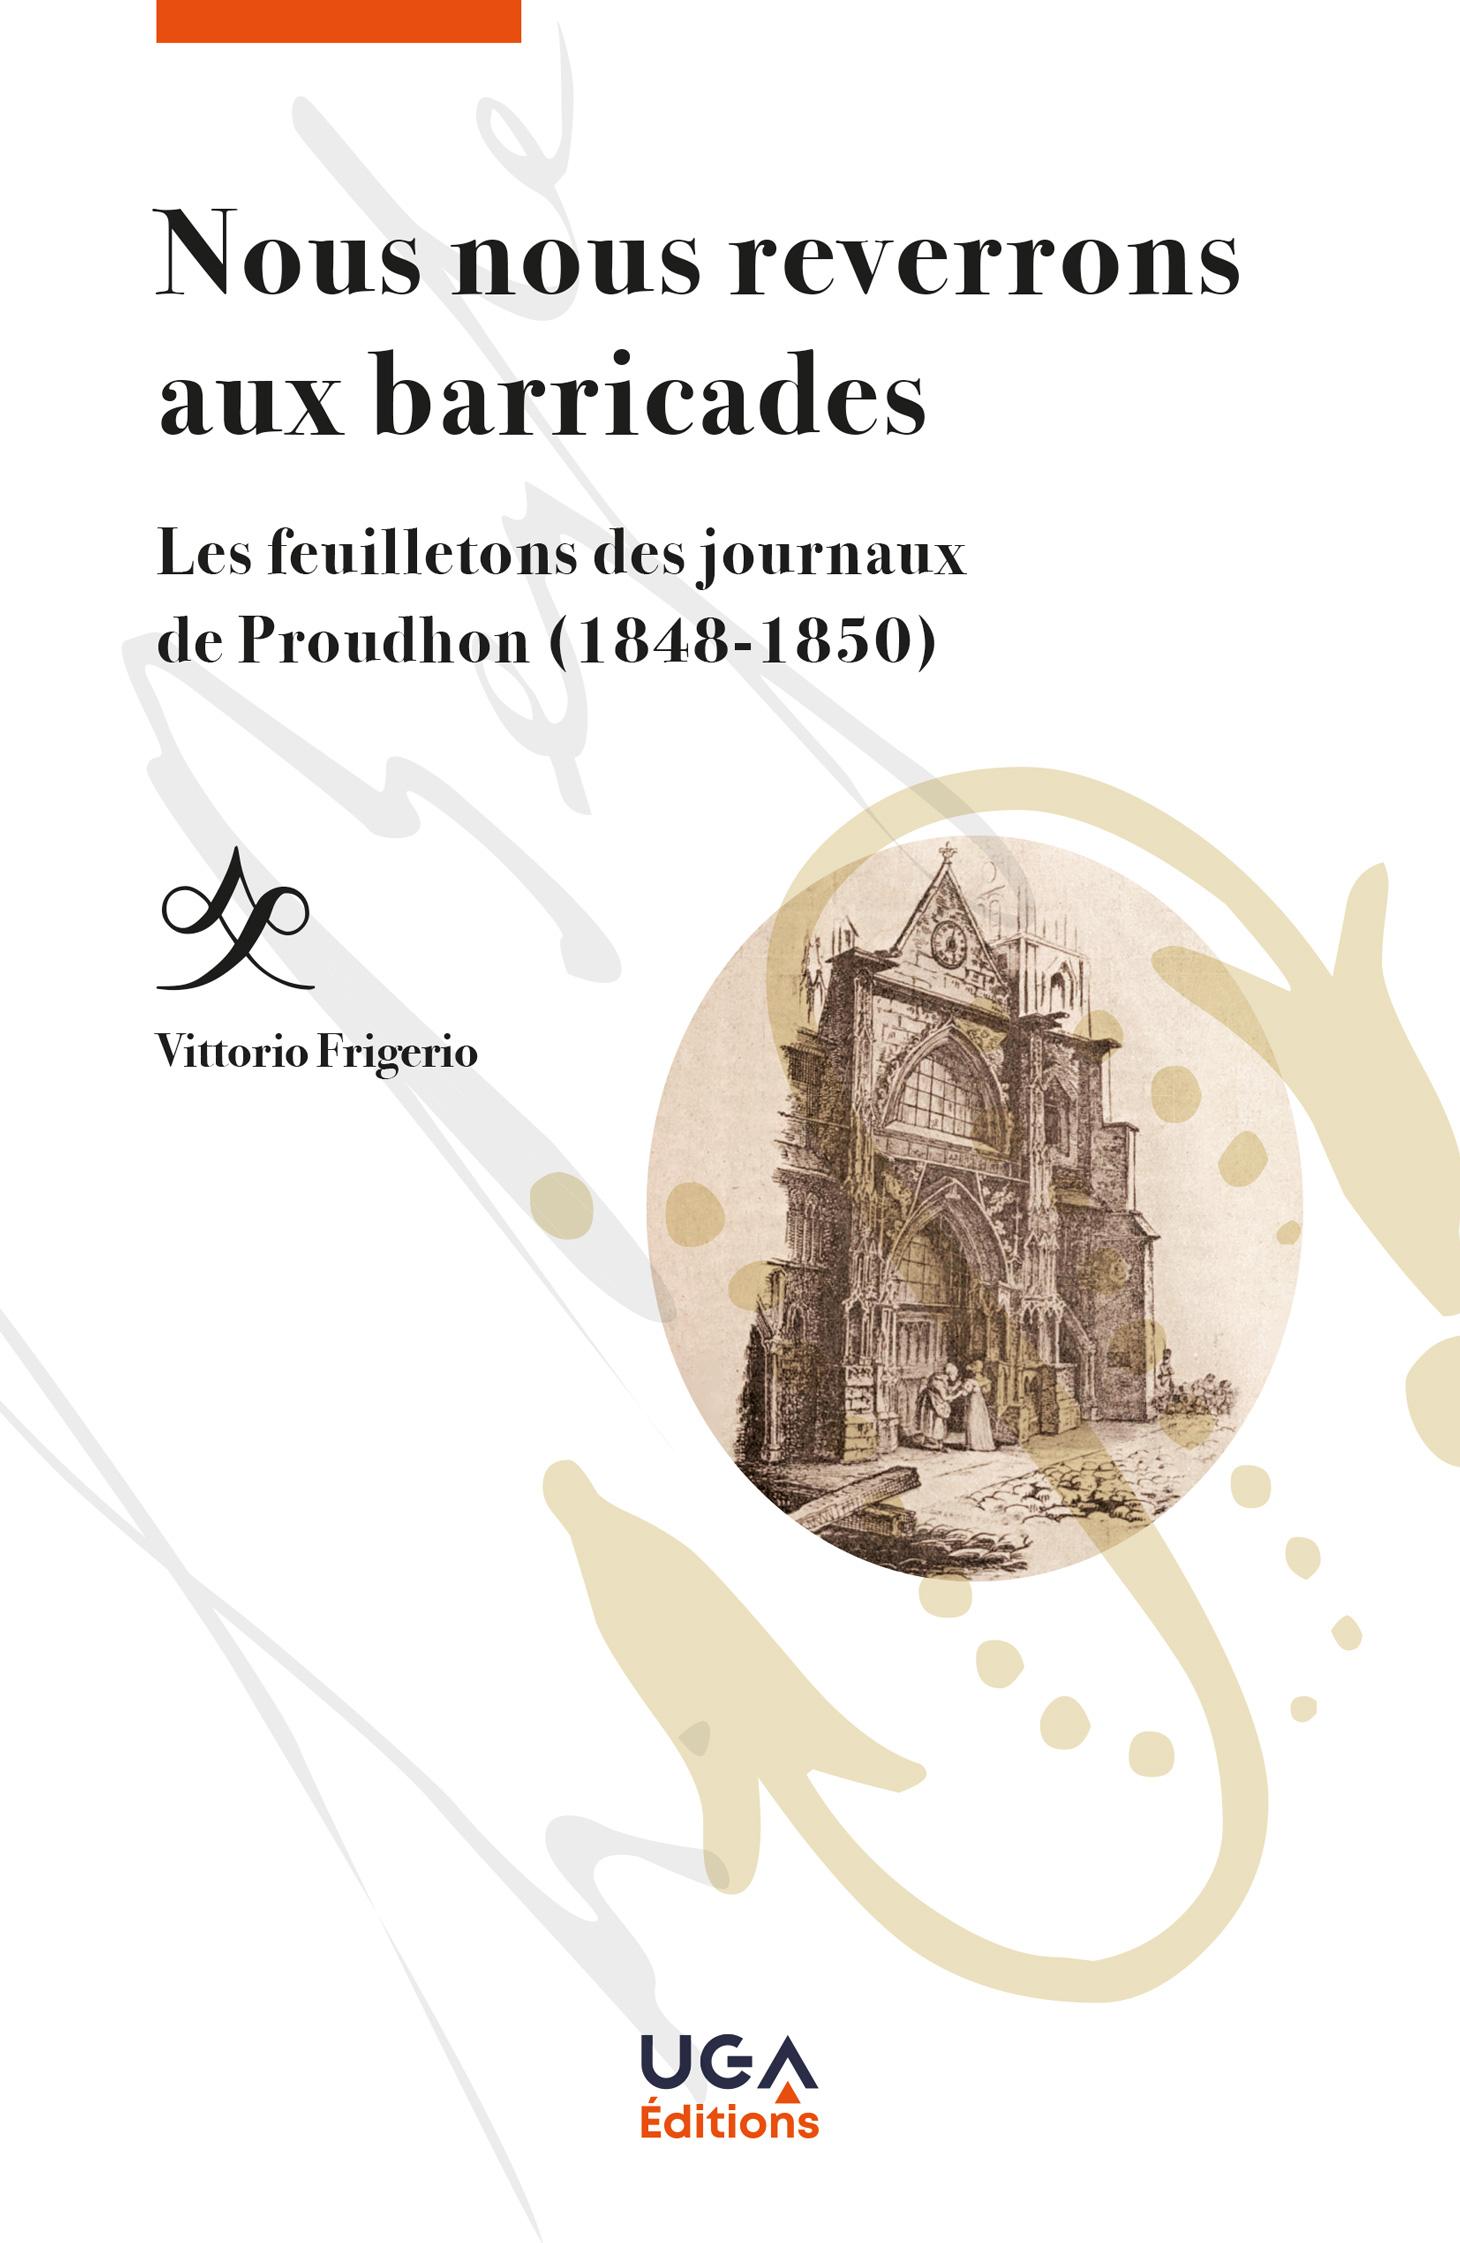 V. Frigerio, Nous nous reverrons aux barricades. Les feuilletons des journaux de Proudhon (1848-1850)